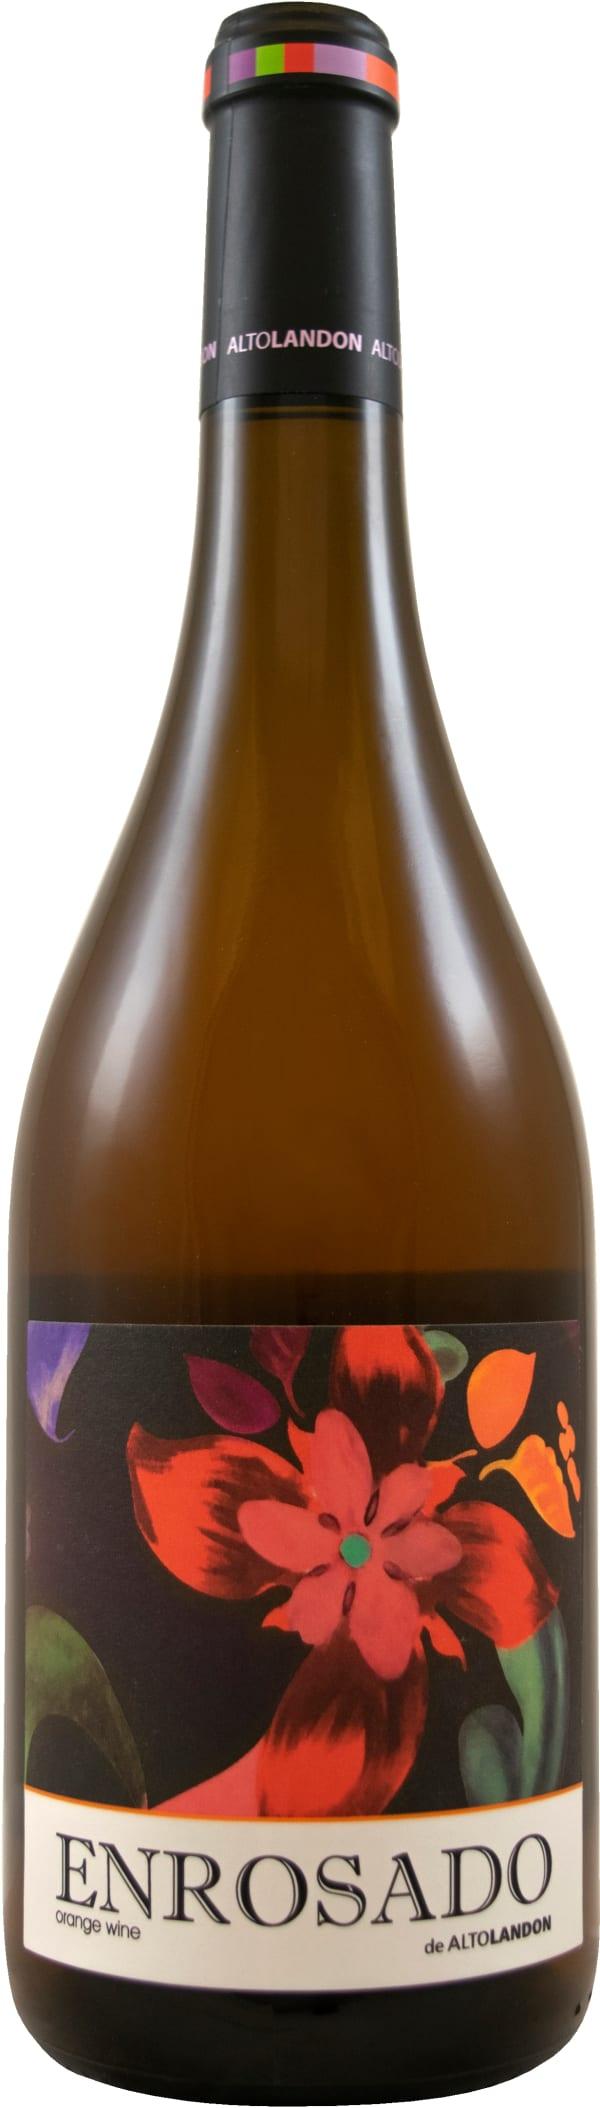 Enrosado de Altolandon Orange Wine 2018